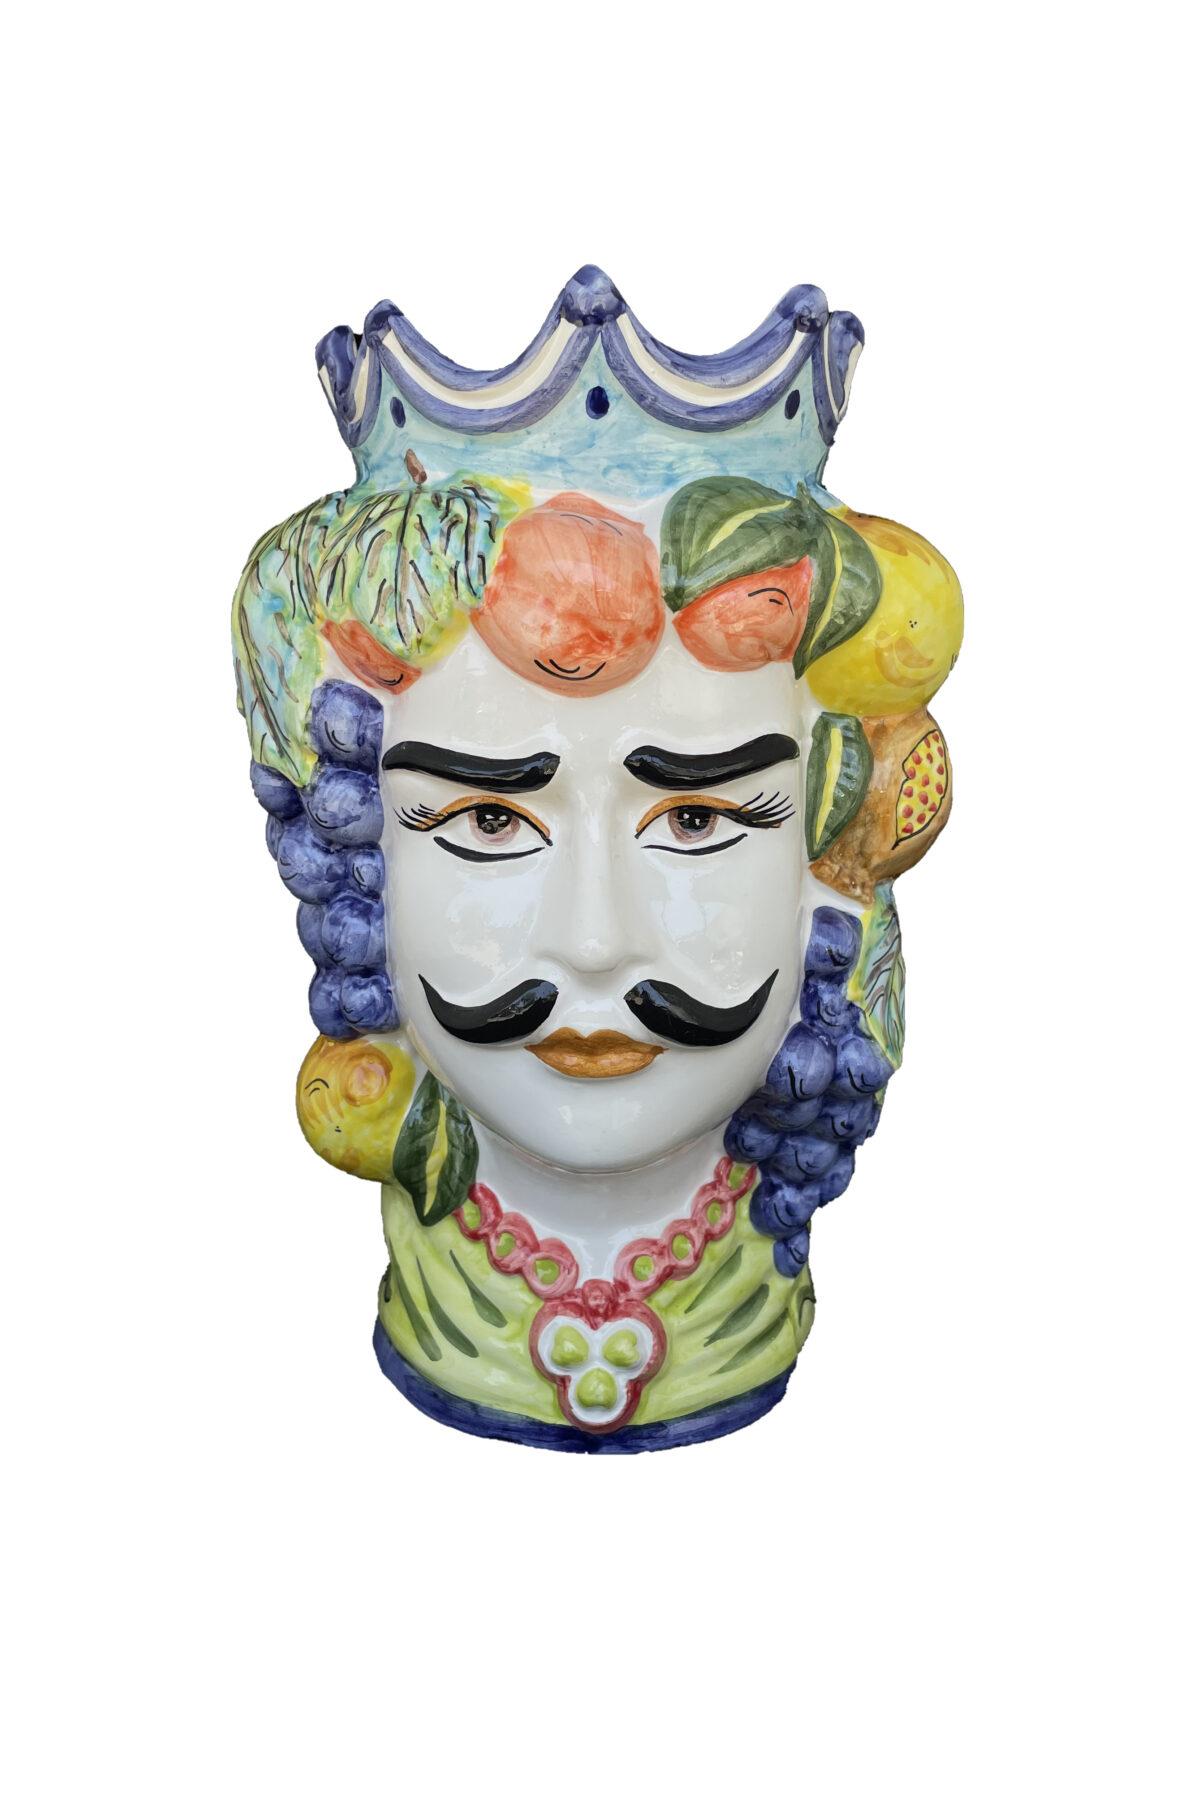 Vaso Testa di Moro uomo in ceramica dipinta sui toni del blu, verde e giallo h. 35 cm